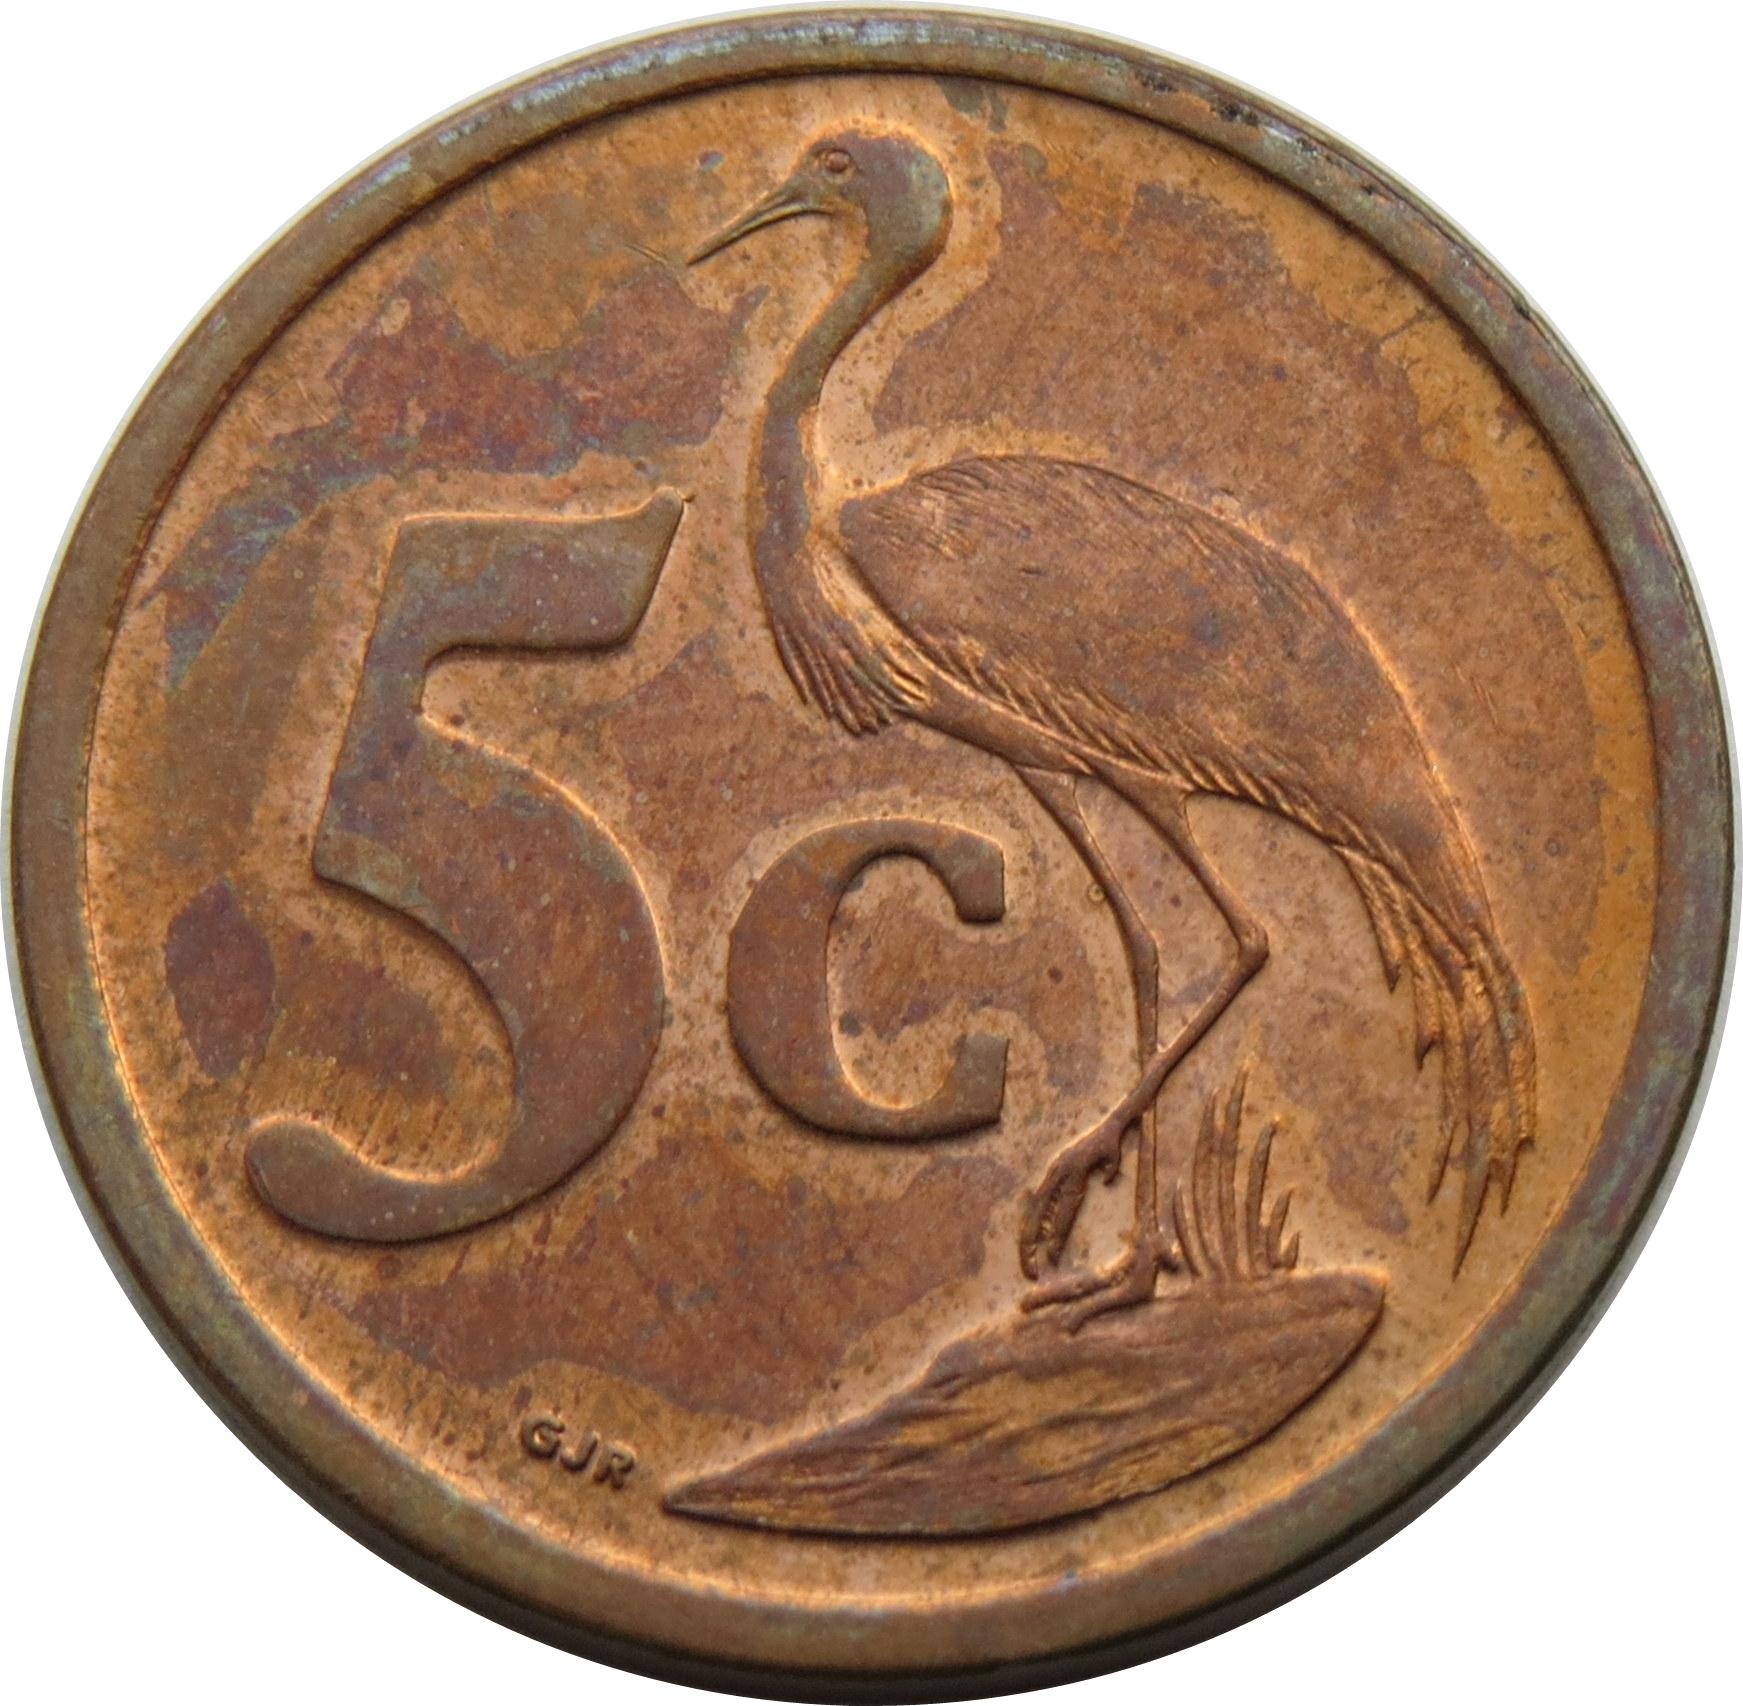 Cent Währung  Wikipedia